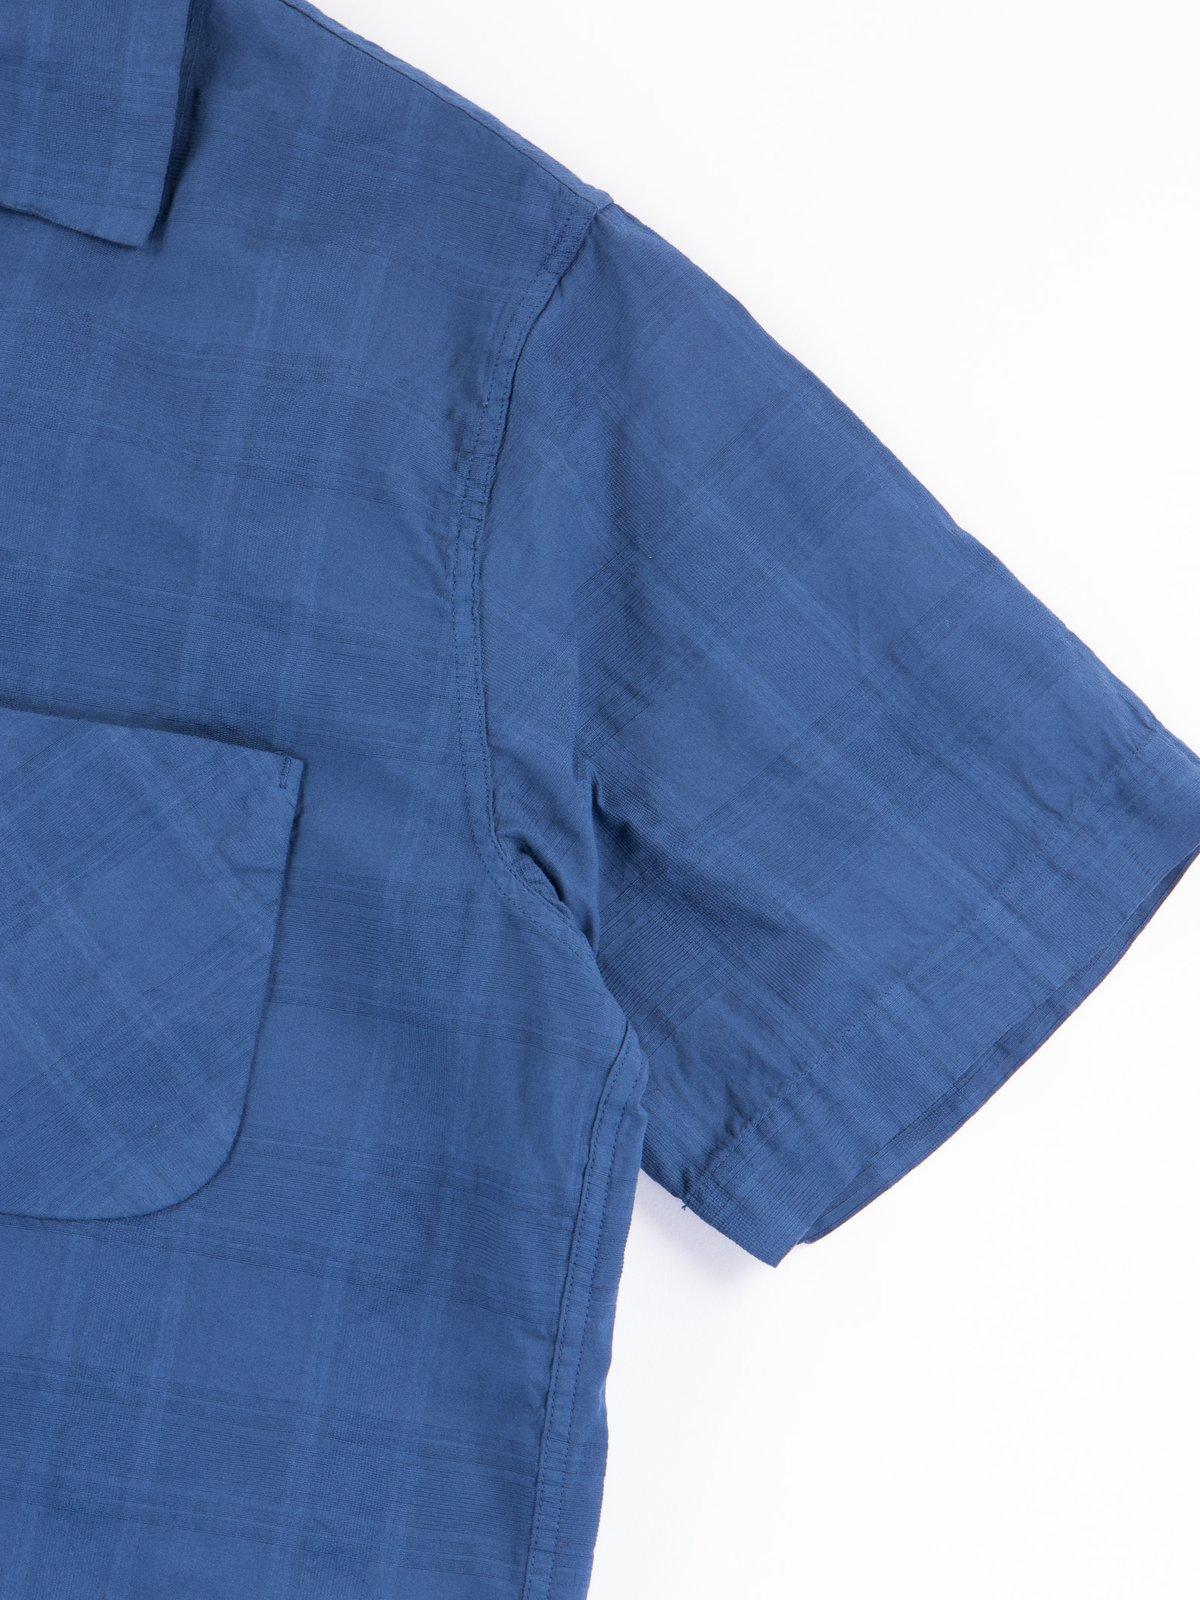 Navy Blue Open SS Shirt - Image 3